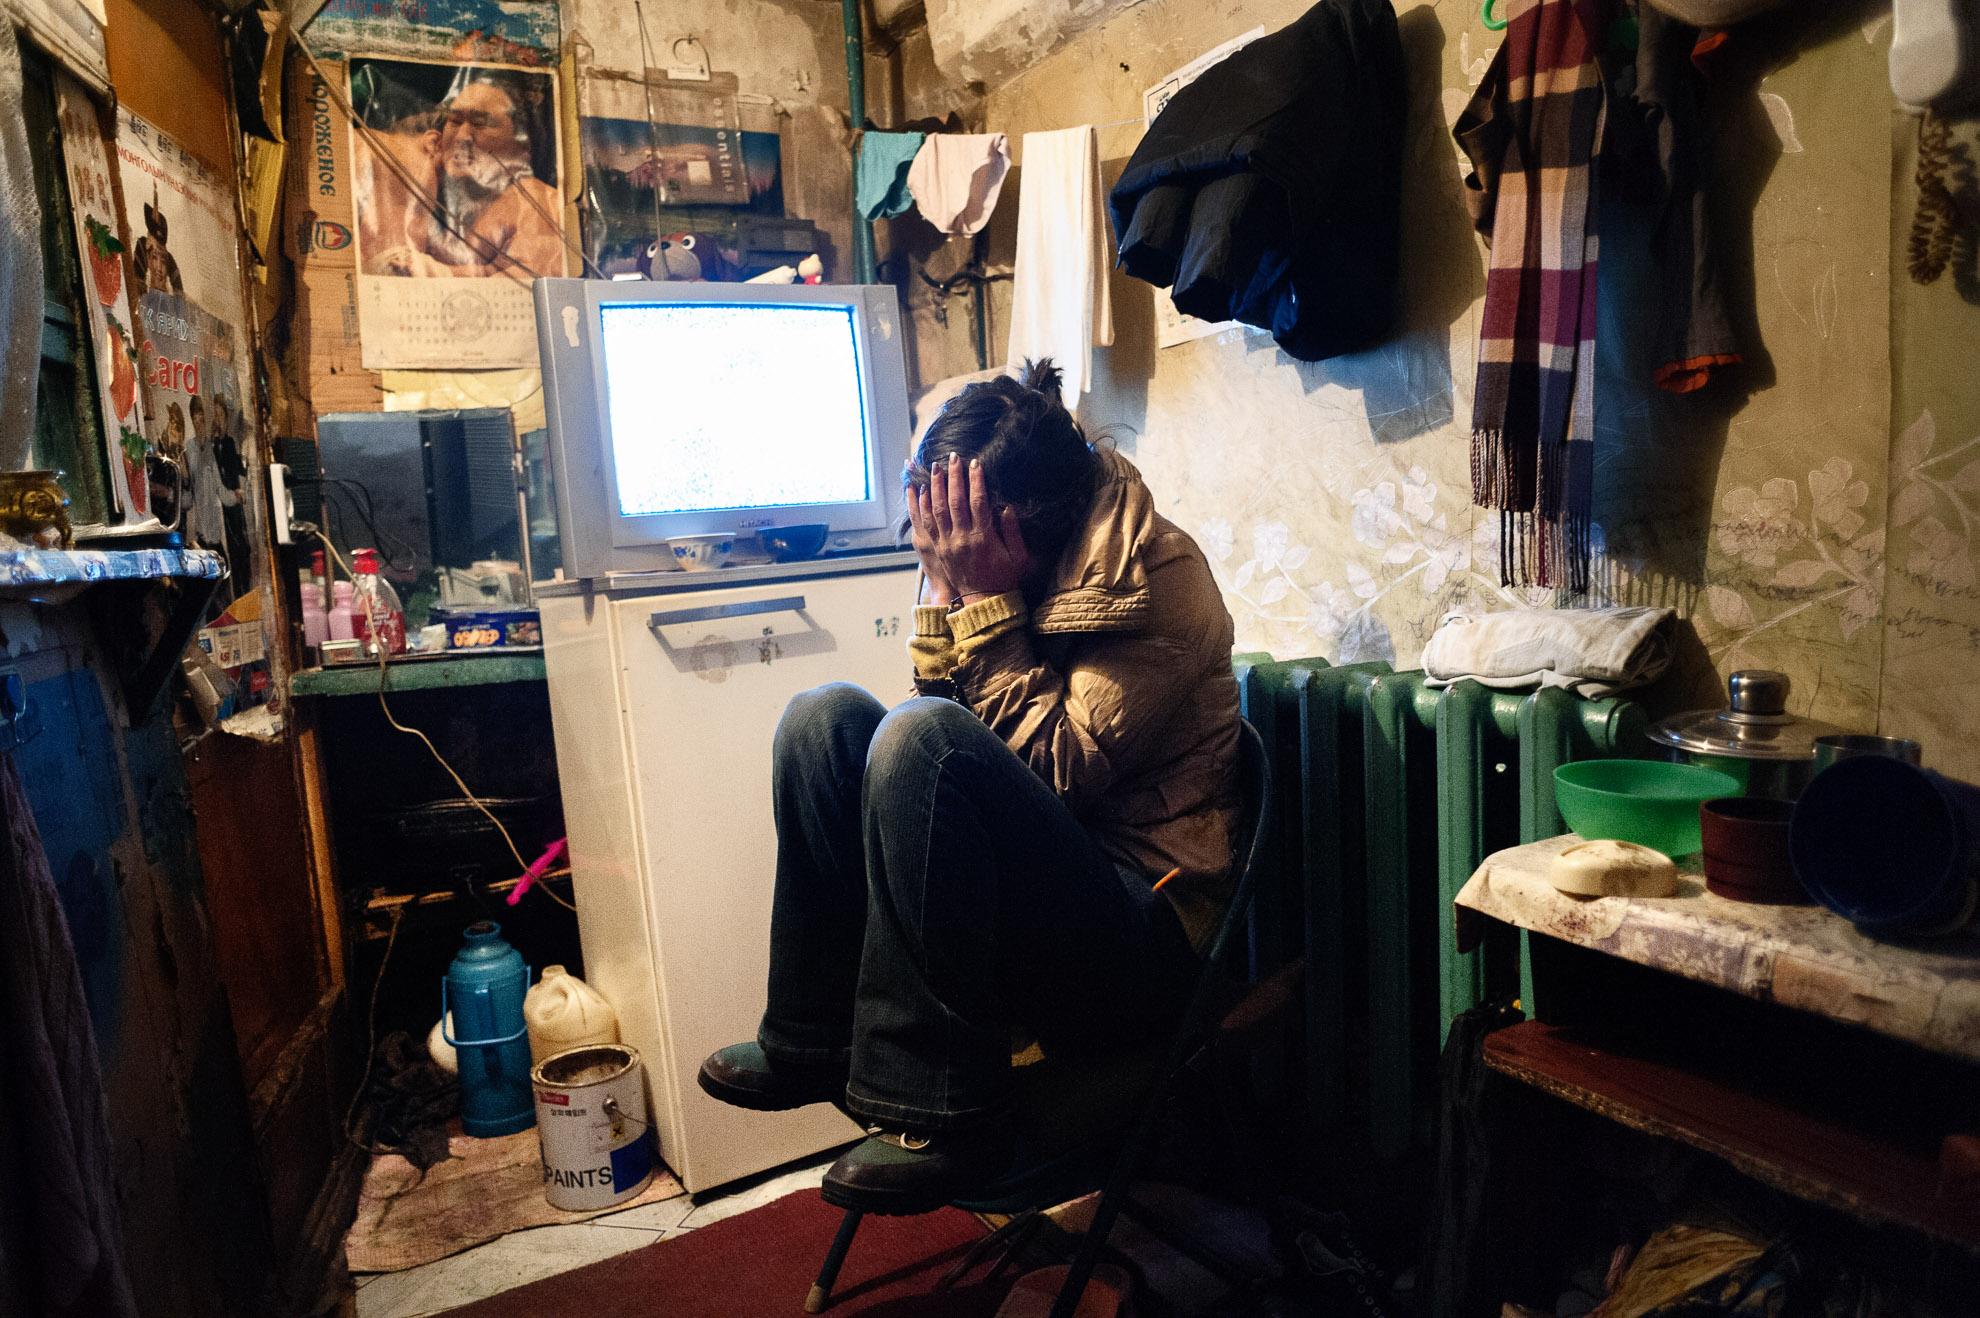 Mongolia, Ulán Bator. Dyun Erdene, ex pastora de 26 años, está sentada en el reducido espacio que comparte con su familia -su padre de 55 años, antiguo pastor, su madre, una hermana y su sobrino de 4 años- en Ulán Bator. Solía vivir con su familia en Gobi-Ugtaal, en la provincia de Dunggobi, pero durante el dzud perdieron sus 150 animales y, por tanto, decidieron trasladarse a la ciudad. Está embarazada, pero su novio la dejó y ahora está sola. Su madre es guardiana de un apartamento y están viviendo en una habitación superpoblada bajo la escalera del mismo edificio donde trabaja su madre. Consiguieron este espacio gracias al trabajo de su madre (la única que trabaja en la familia). Pagan un pequeño alquiler, pero solo pueden ahorrar un poco de dinero para su alimentación básica diaria. Su padre ha sido pastor durante toda su vida y no puede hacer ni encontrar ningún otro trabajo.